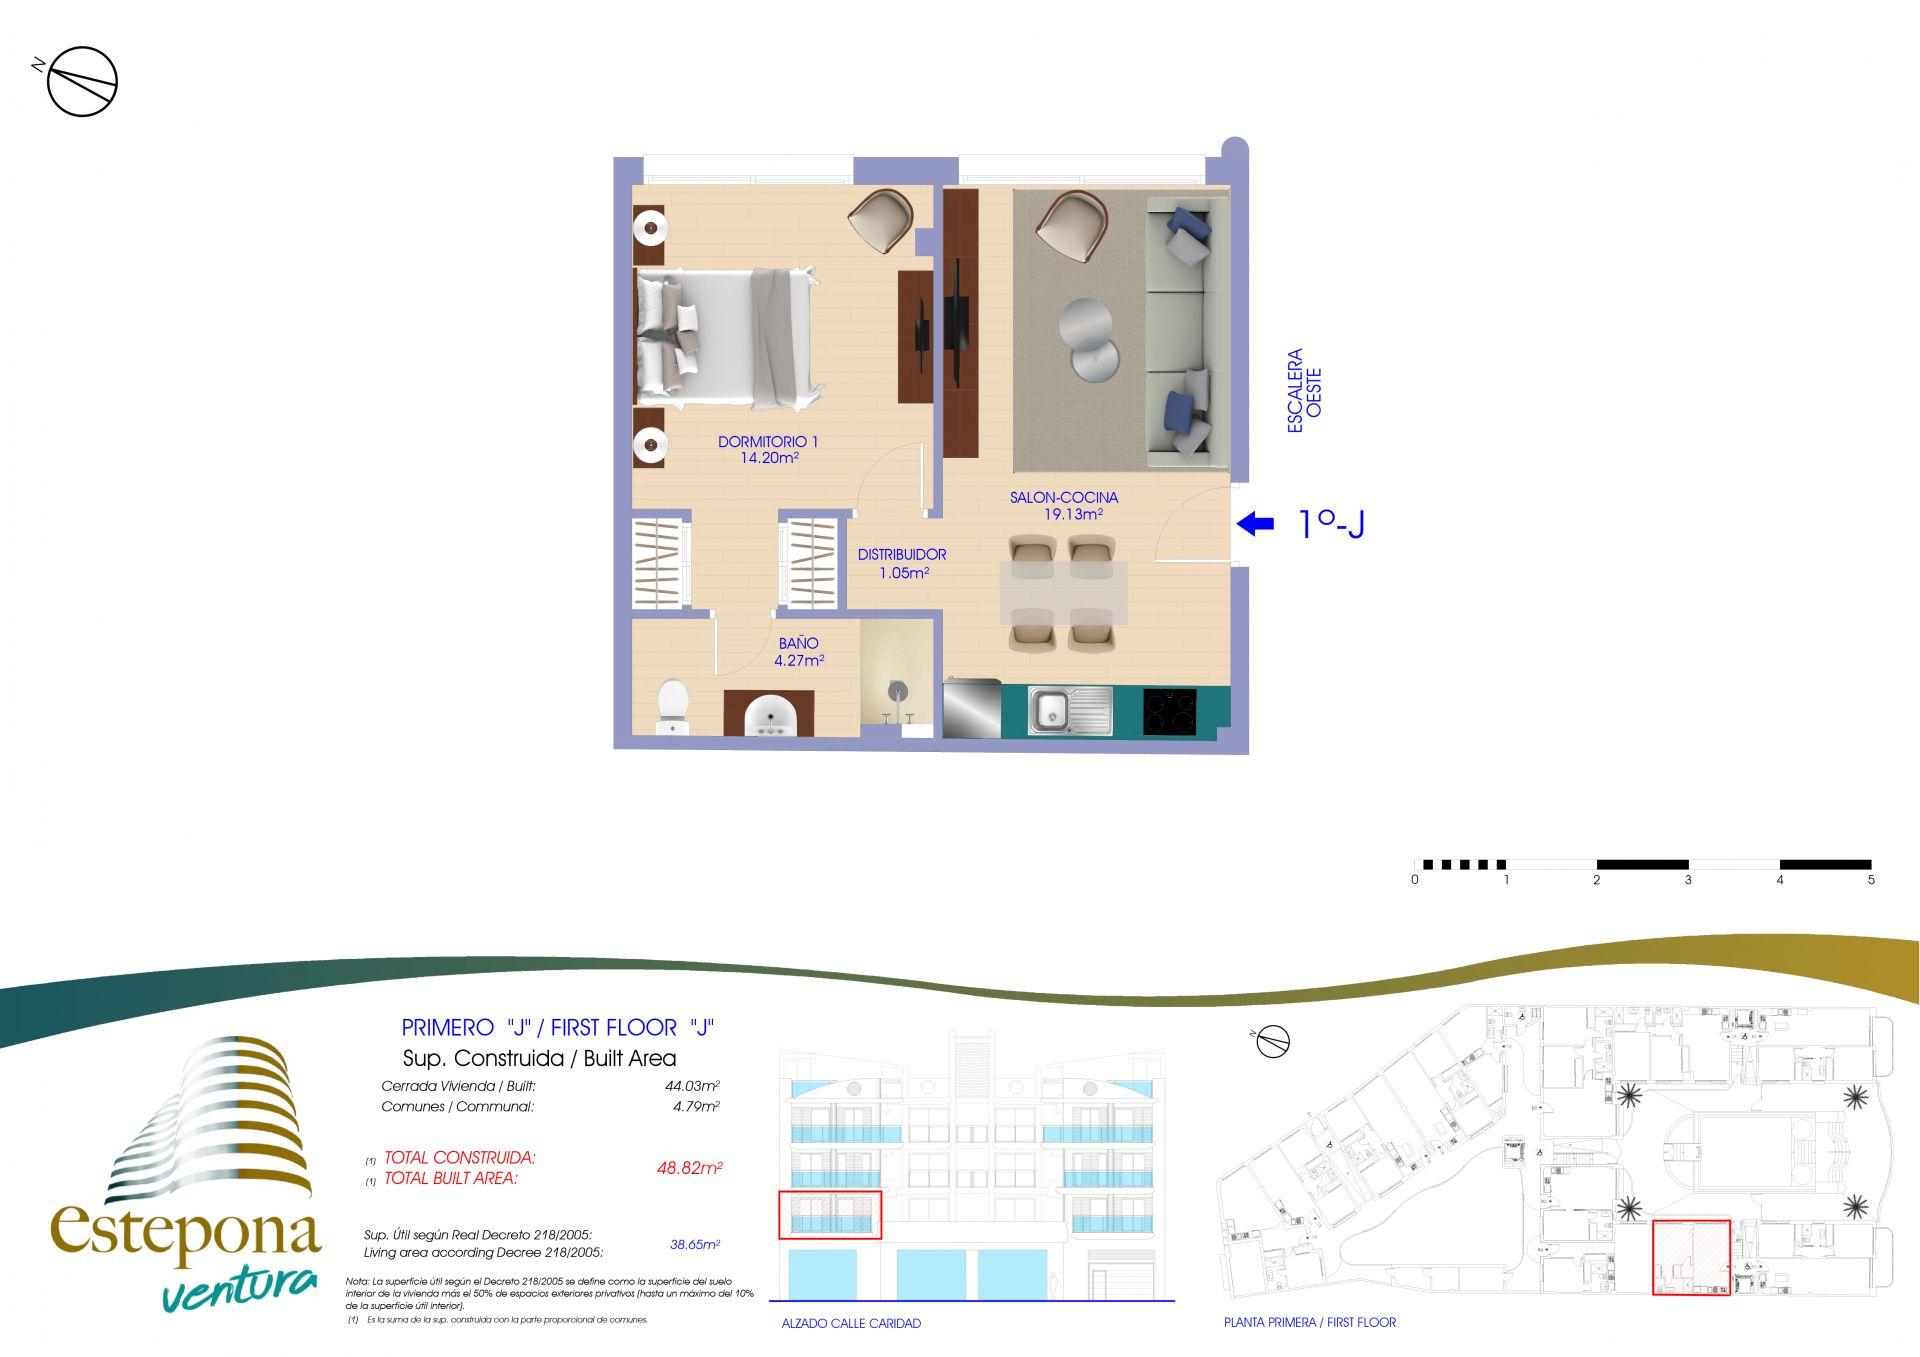 20201221 1º J  - Ventura Estepona | Compra de casa en Estepona